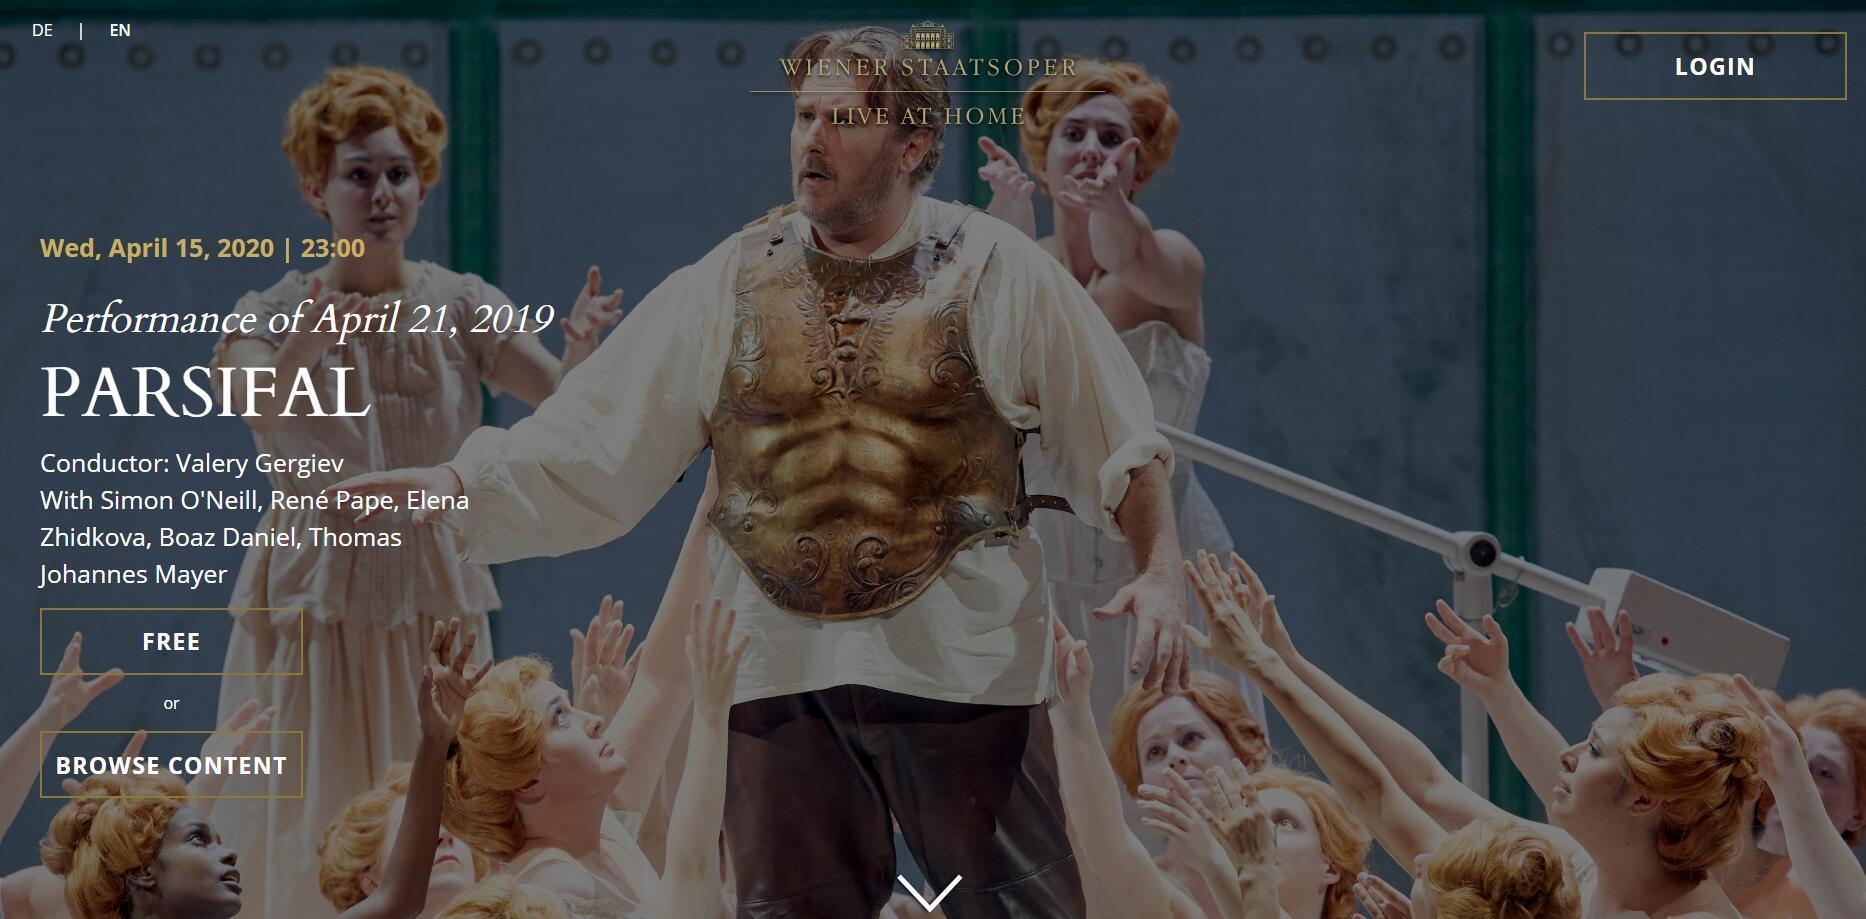 维也纳国家歌剧院免费开放,歌剧/芭蕾舞剧统统免费看插图(1)